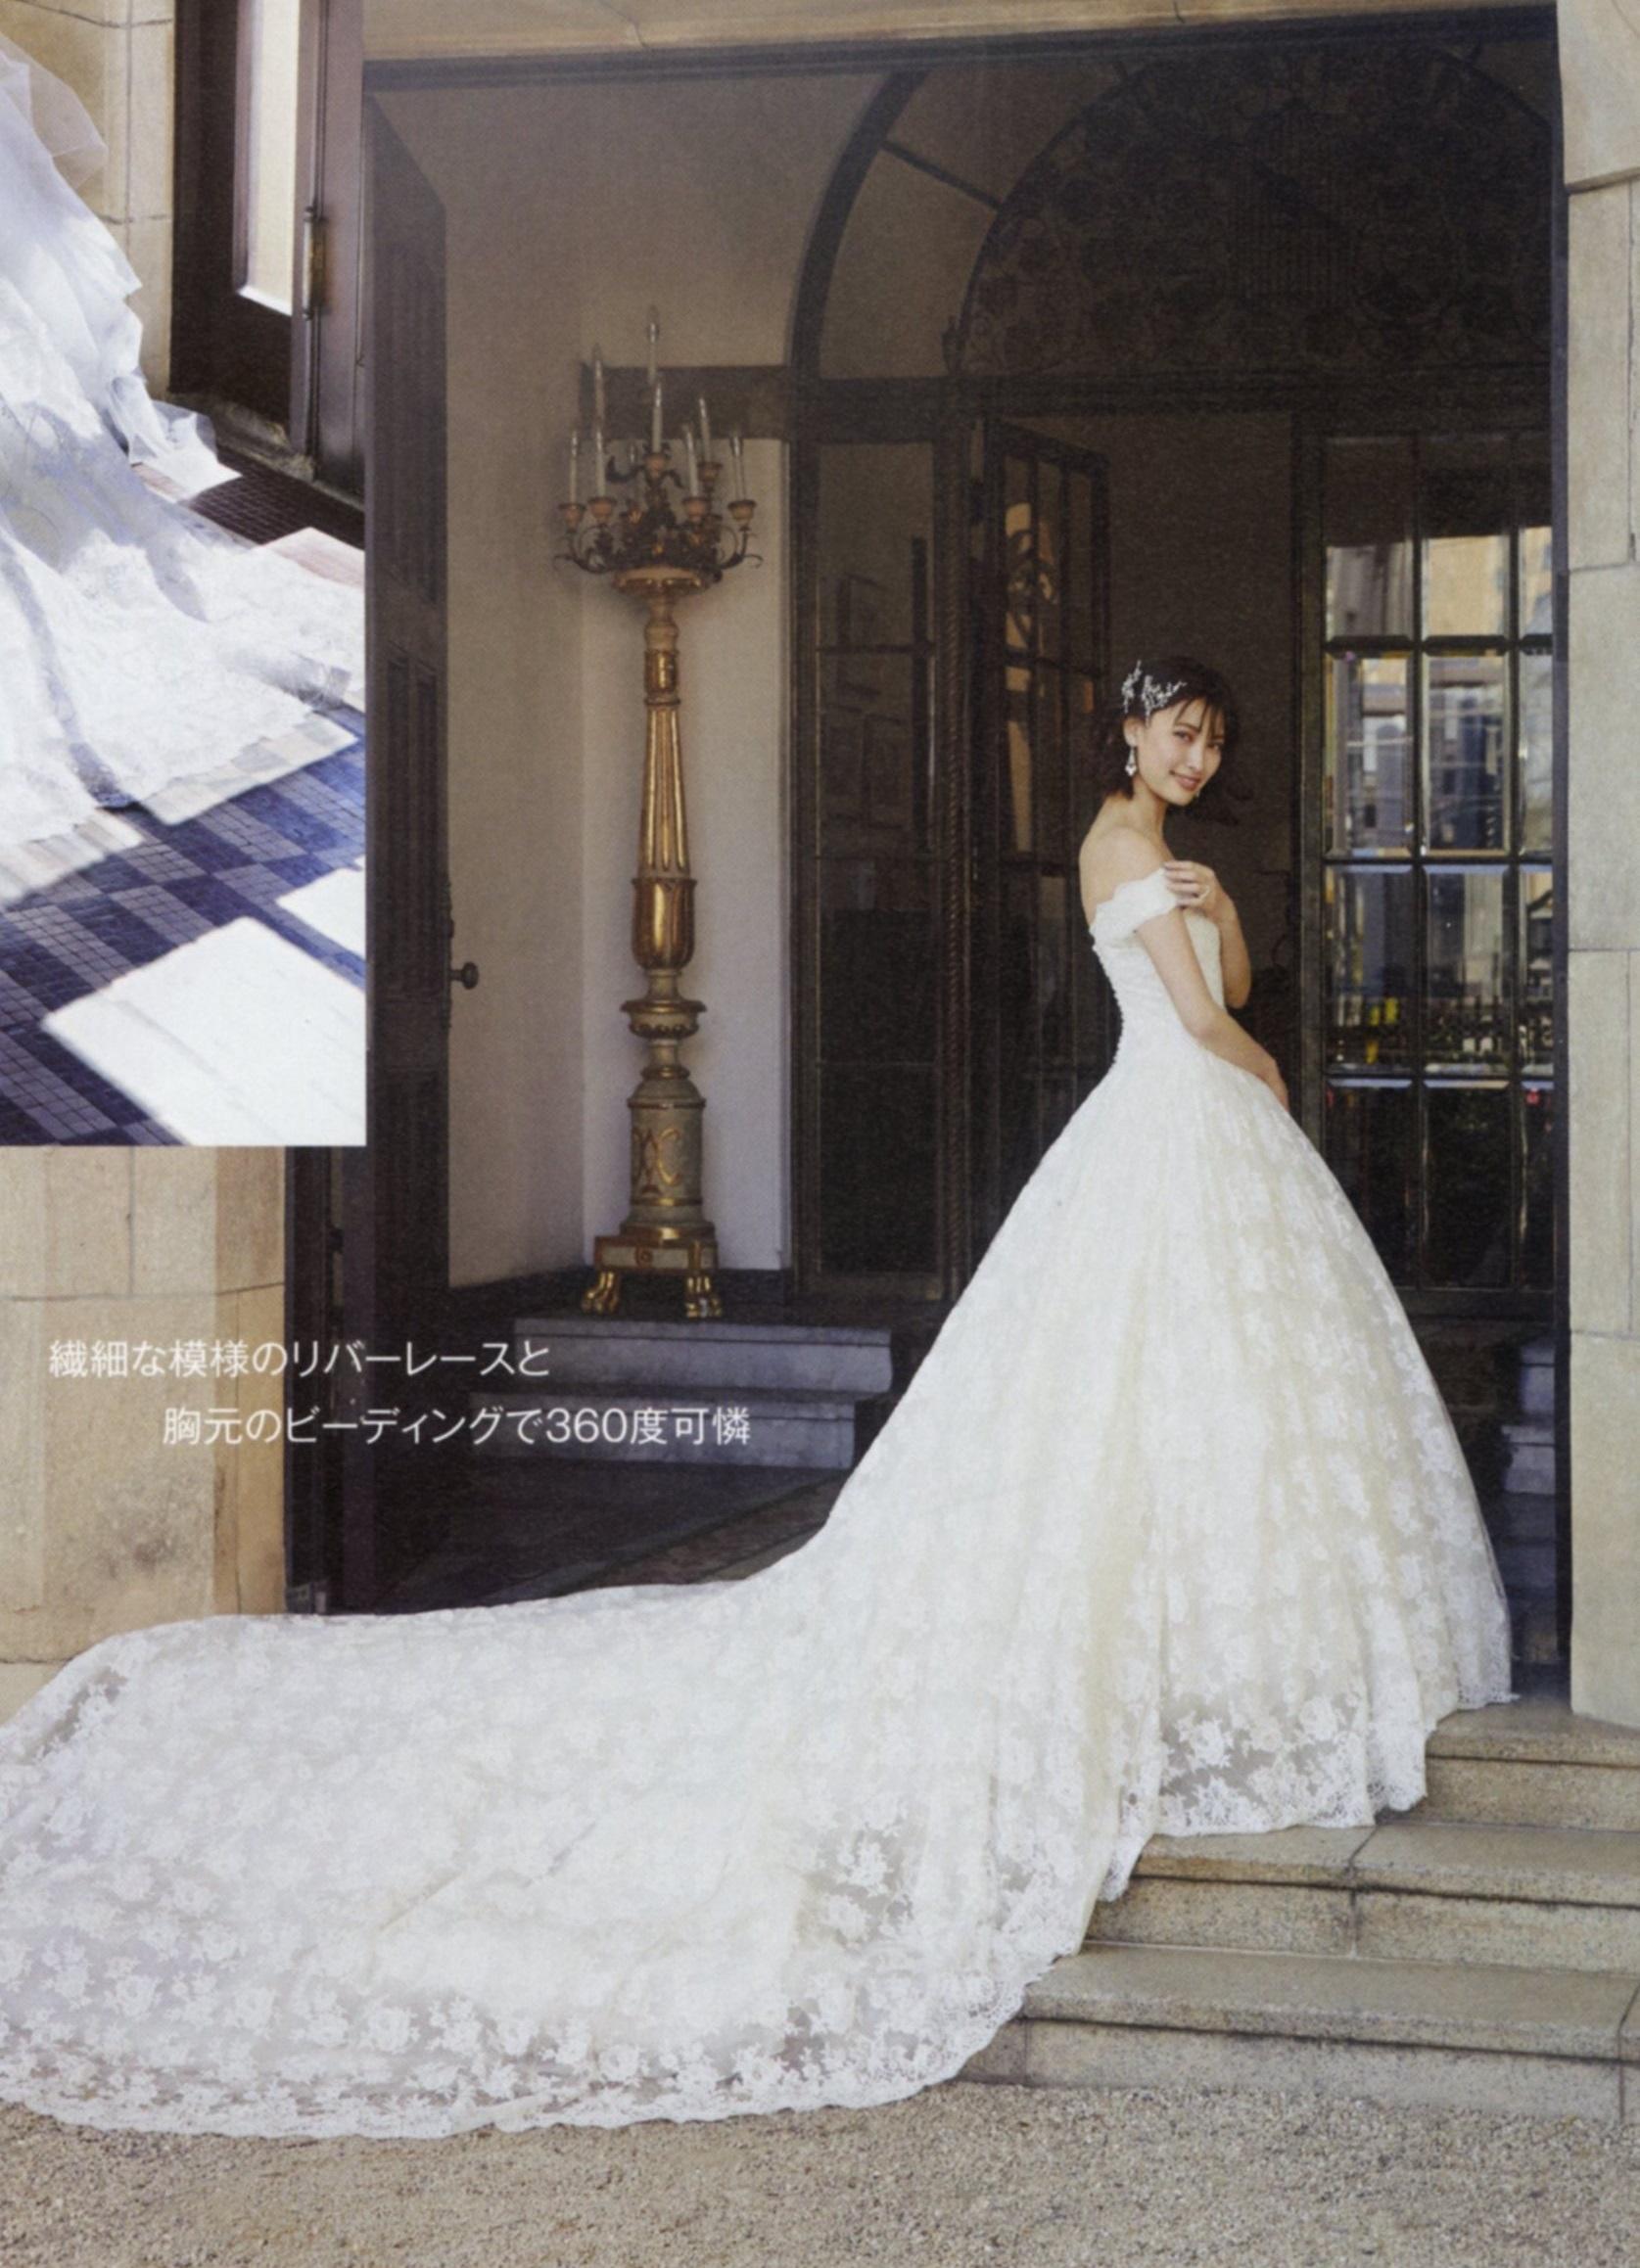 6月12日発売_BAILA 2019 July 【別冊付録:婚BAILA】 P.16